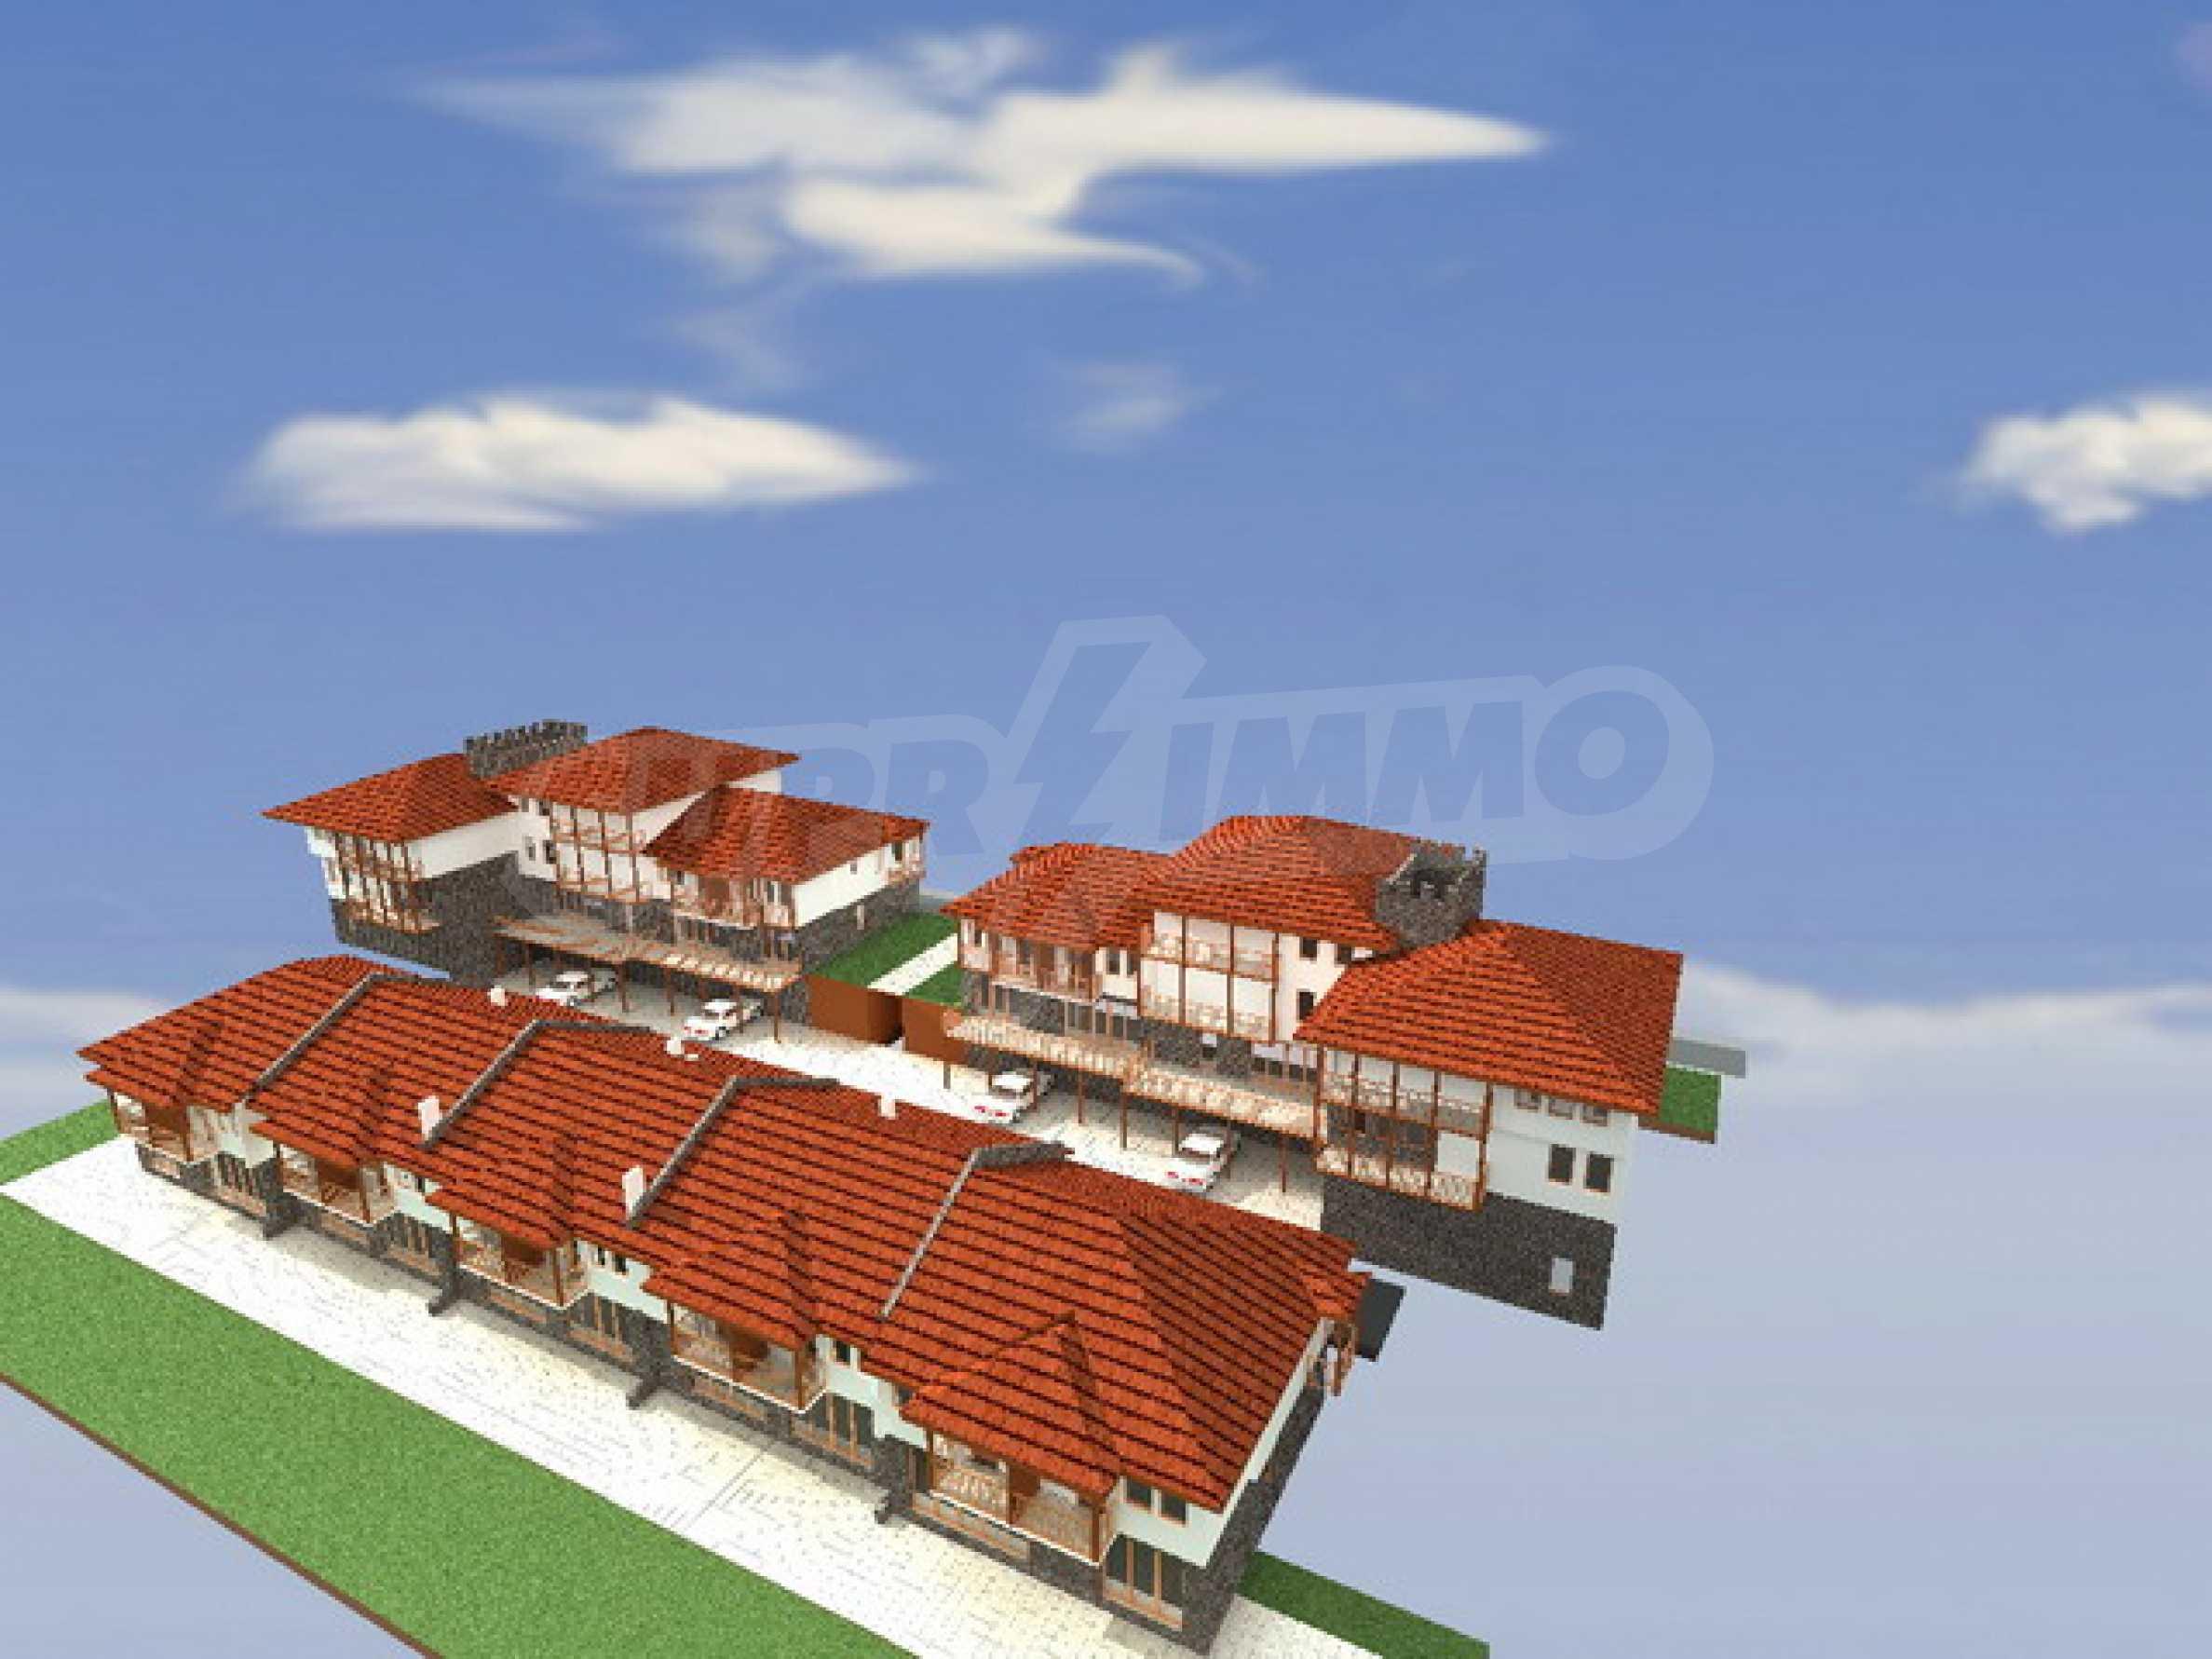 Grundstück in der Stadt Debelets 2